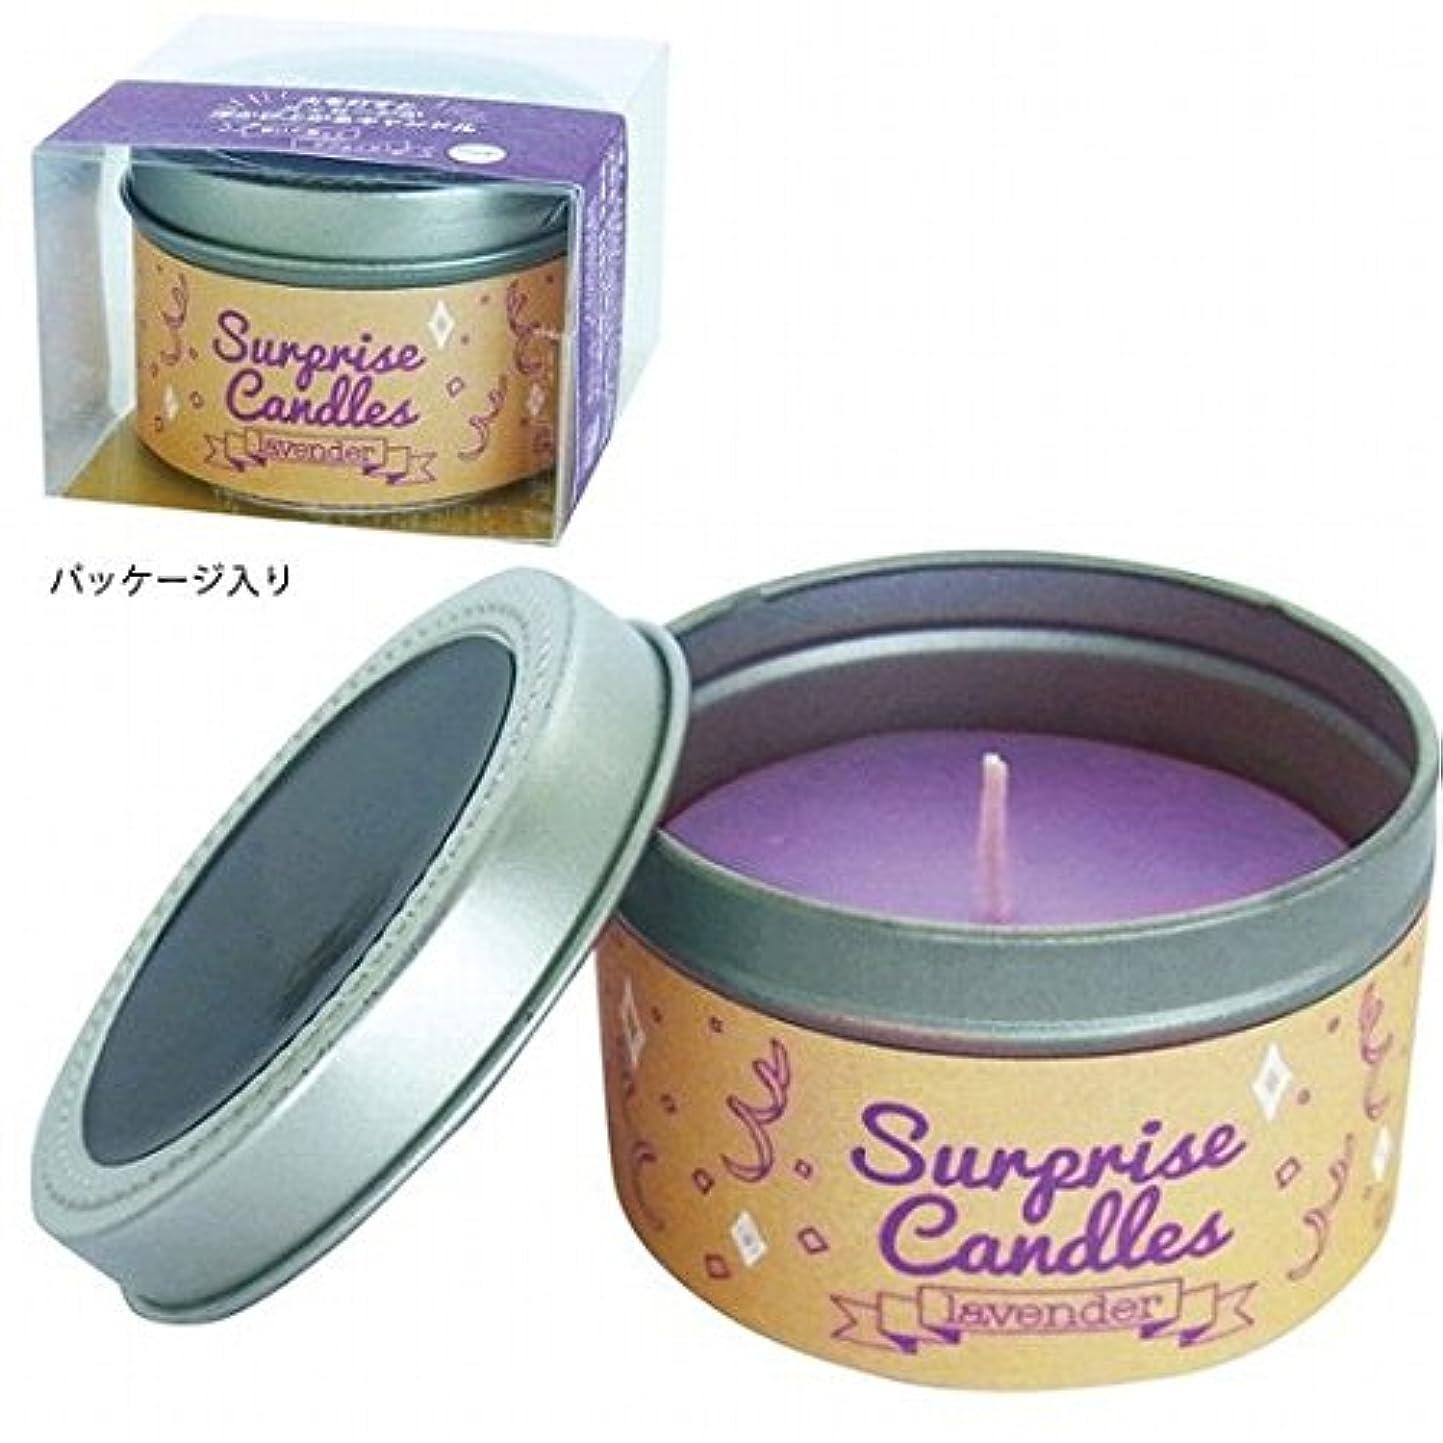 判定パトロン可能性カメヤマキャンドル(kameyama candle) サプライズキャンドル 「ラベンダー」